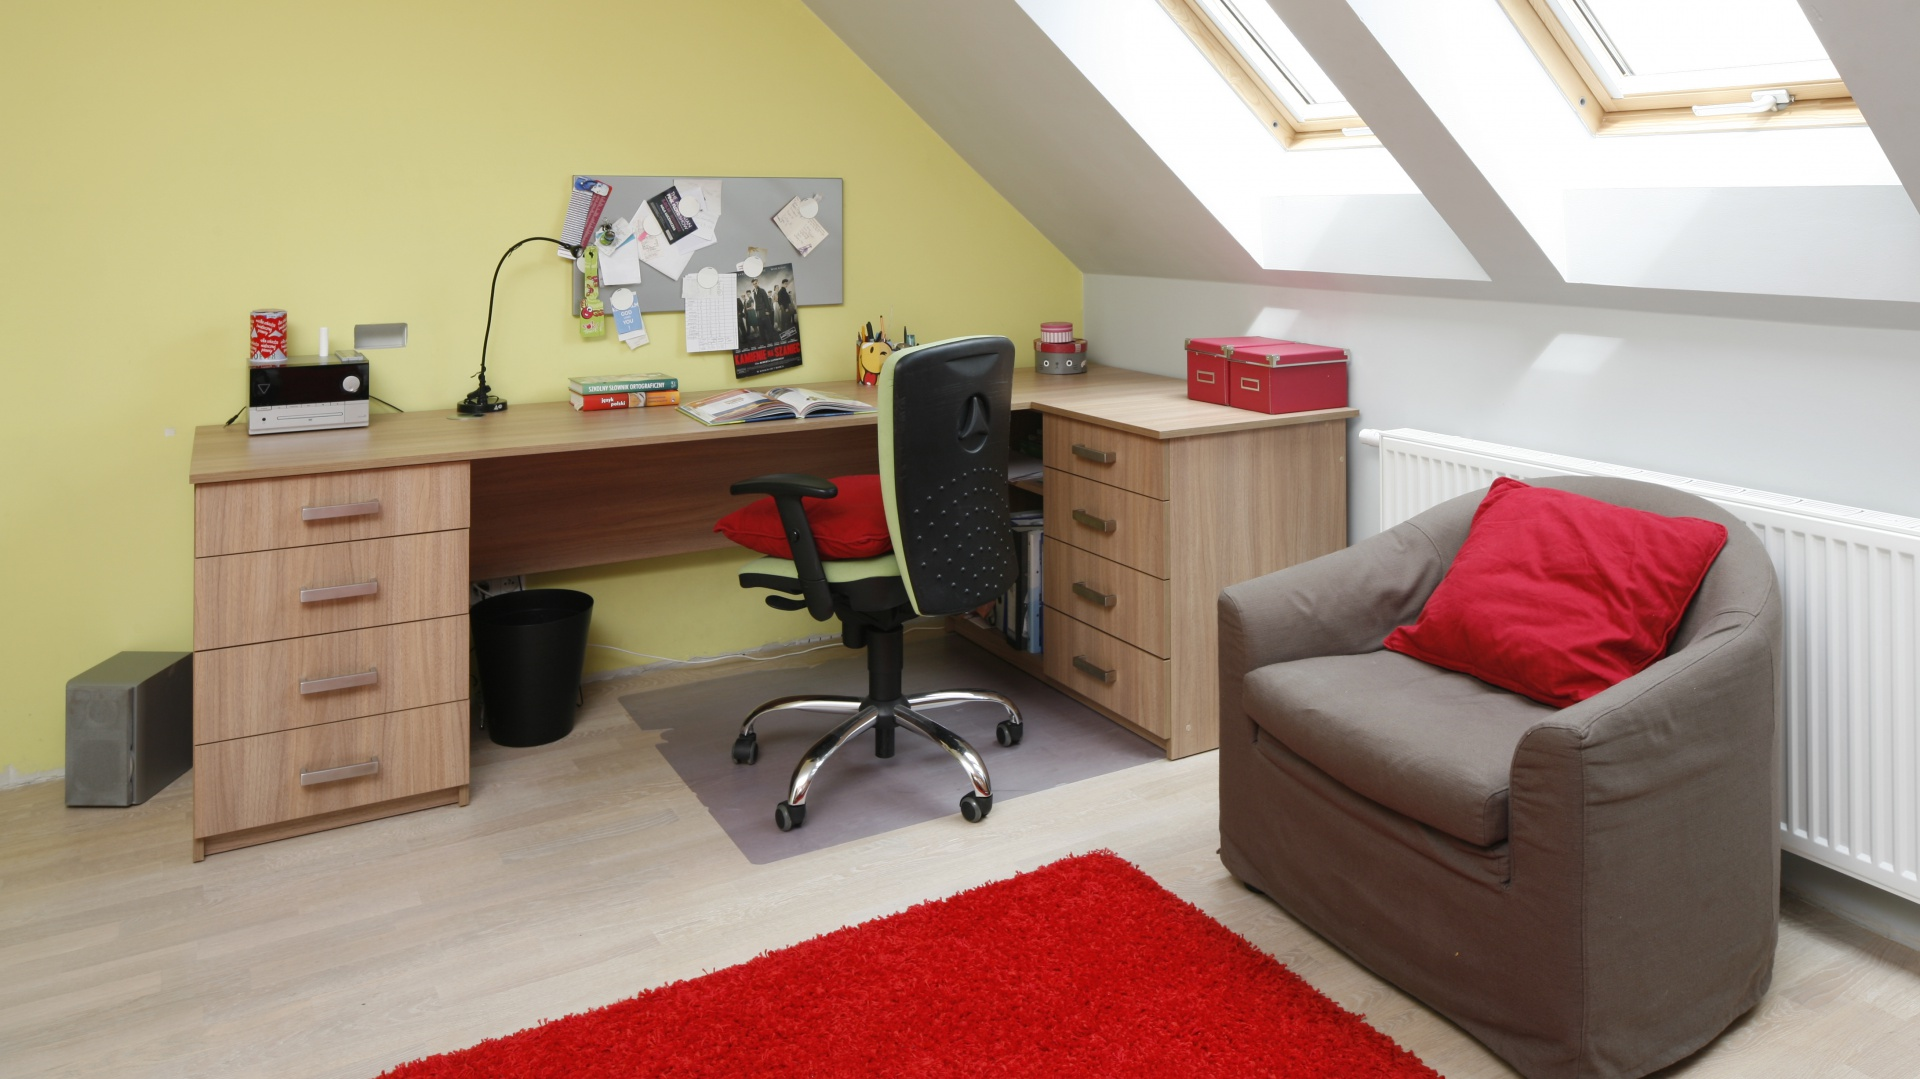 Duże biurko i wygodny fotel obrotowy gwarantują komfortowe miejsce do nauki. Dzięki dodatkowemu kontenerowi na blacie panuje porządek. Fot. Bartosz Jarosz.